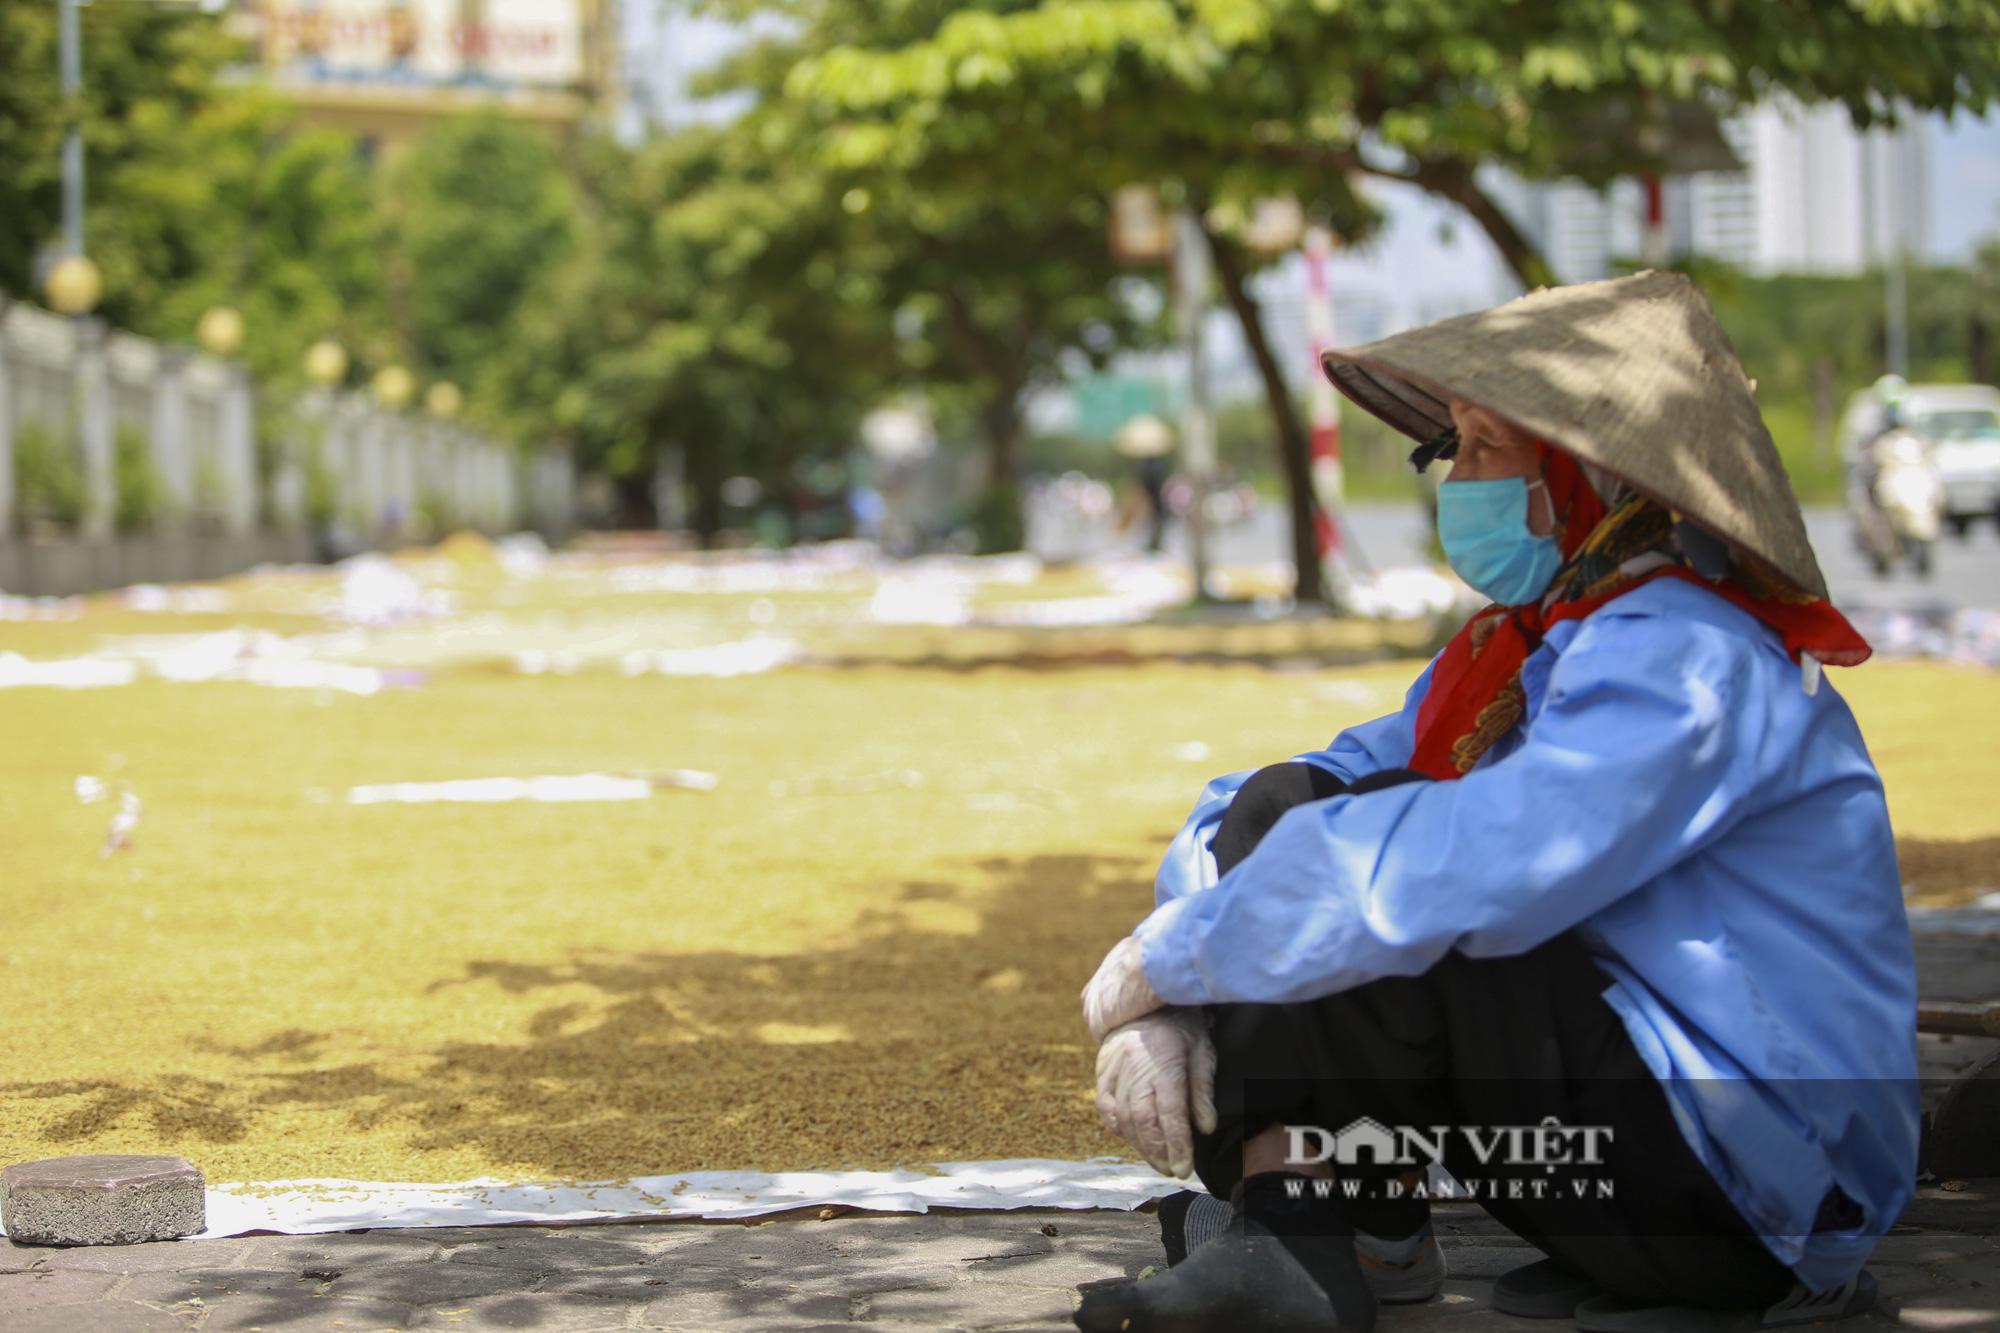 Hà Nội: Nông dân bất lực nhìn lúa mọc mầm vì mưa liên tiếp - Ảnh 7.